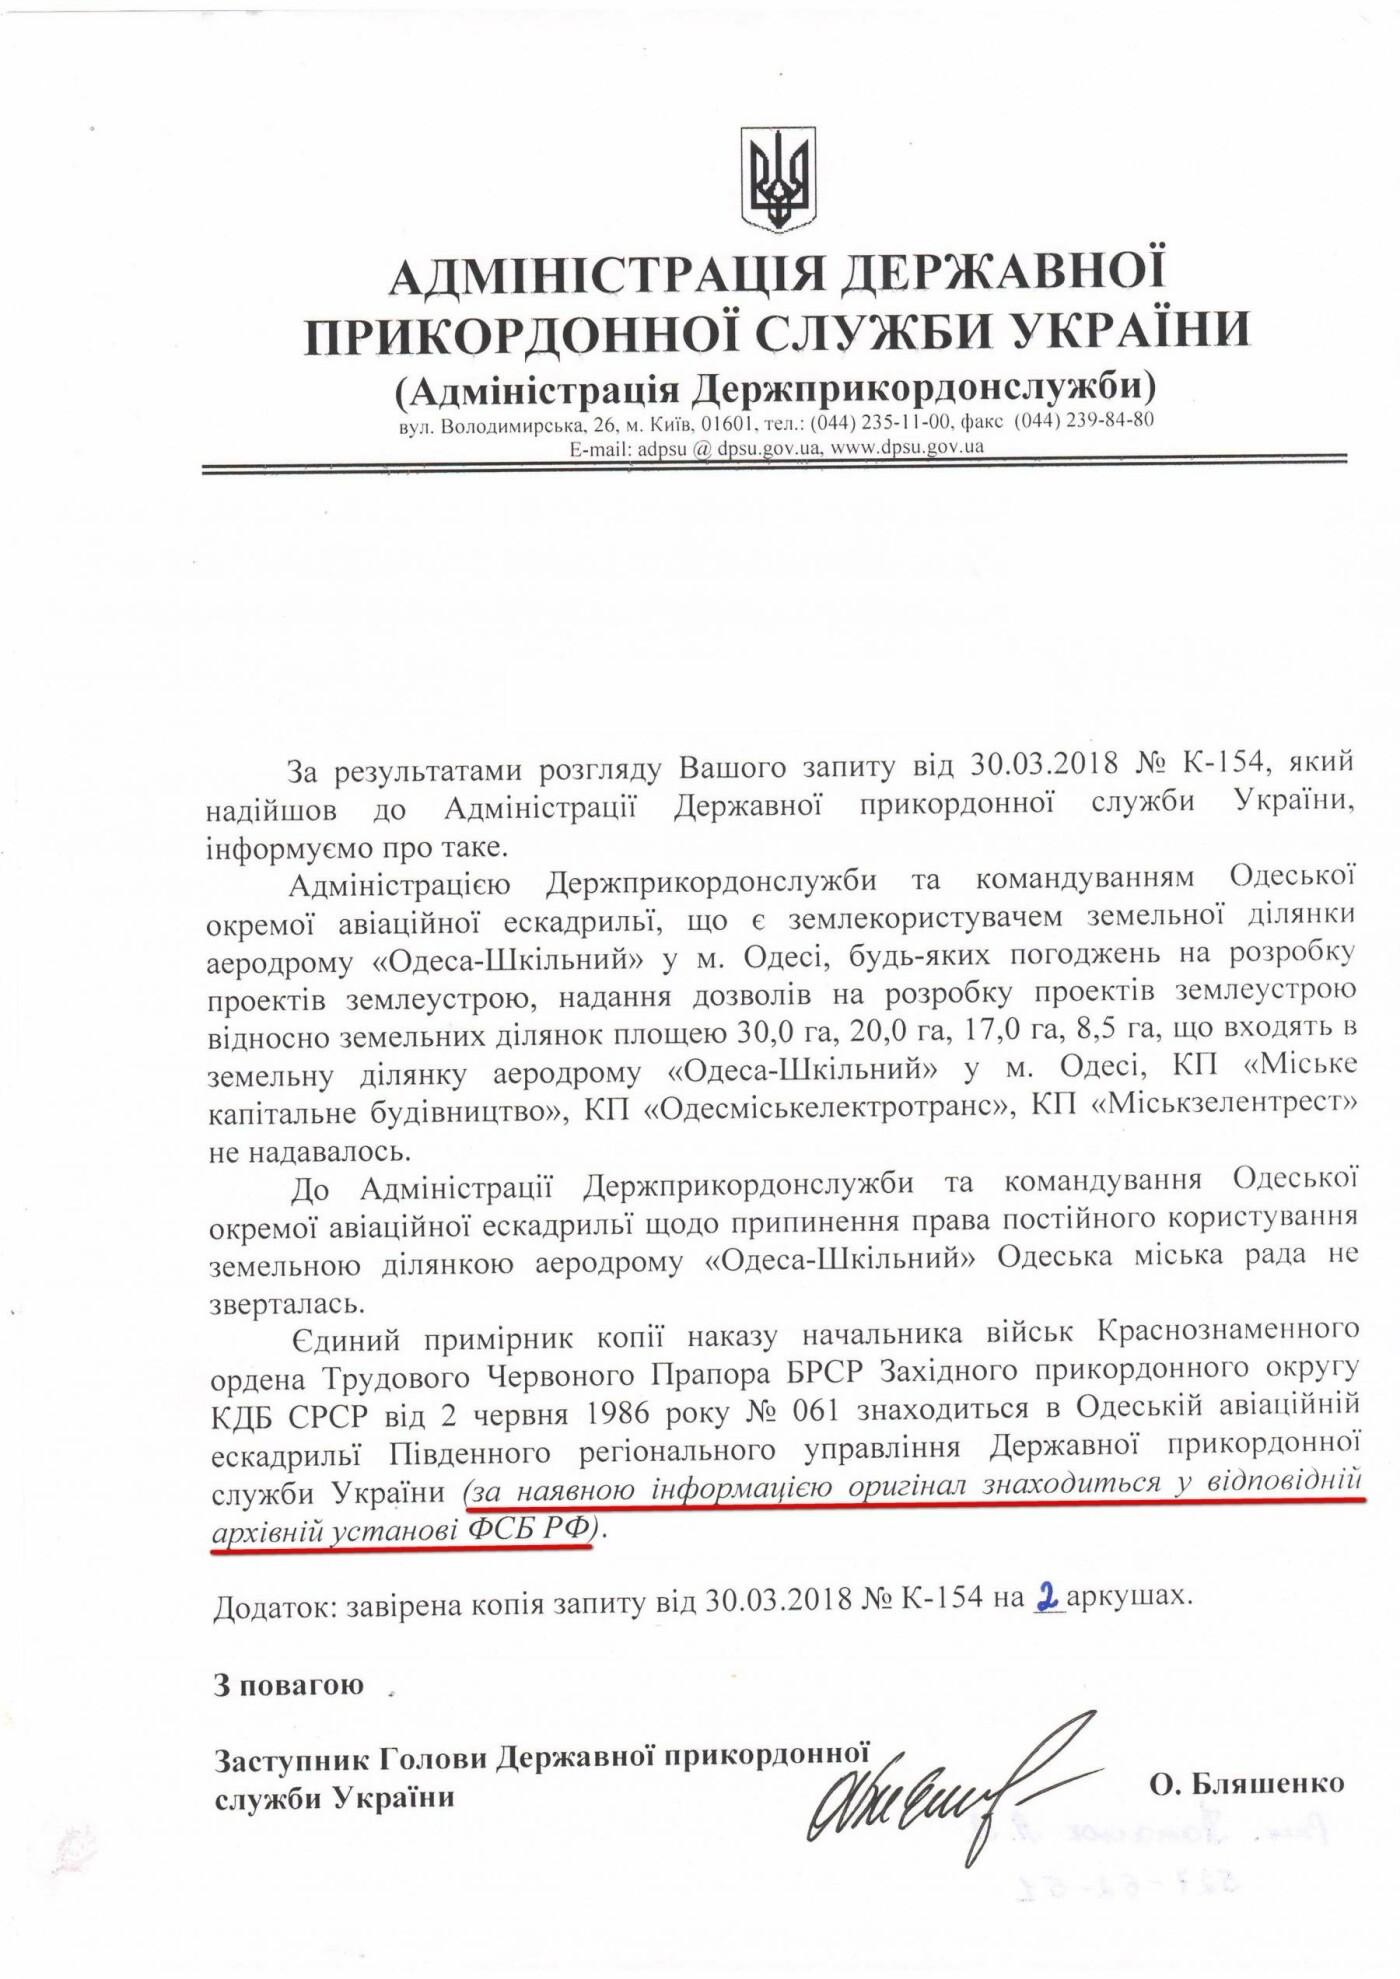 Идите вы в ФСБ: Госпогранслужба призналась, где документы одесских военных на аэродром «Школьный» (ФОТО) , фото-1